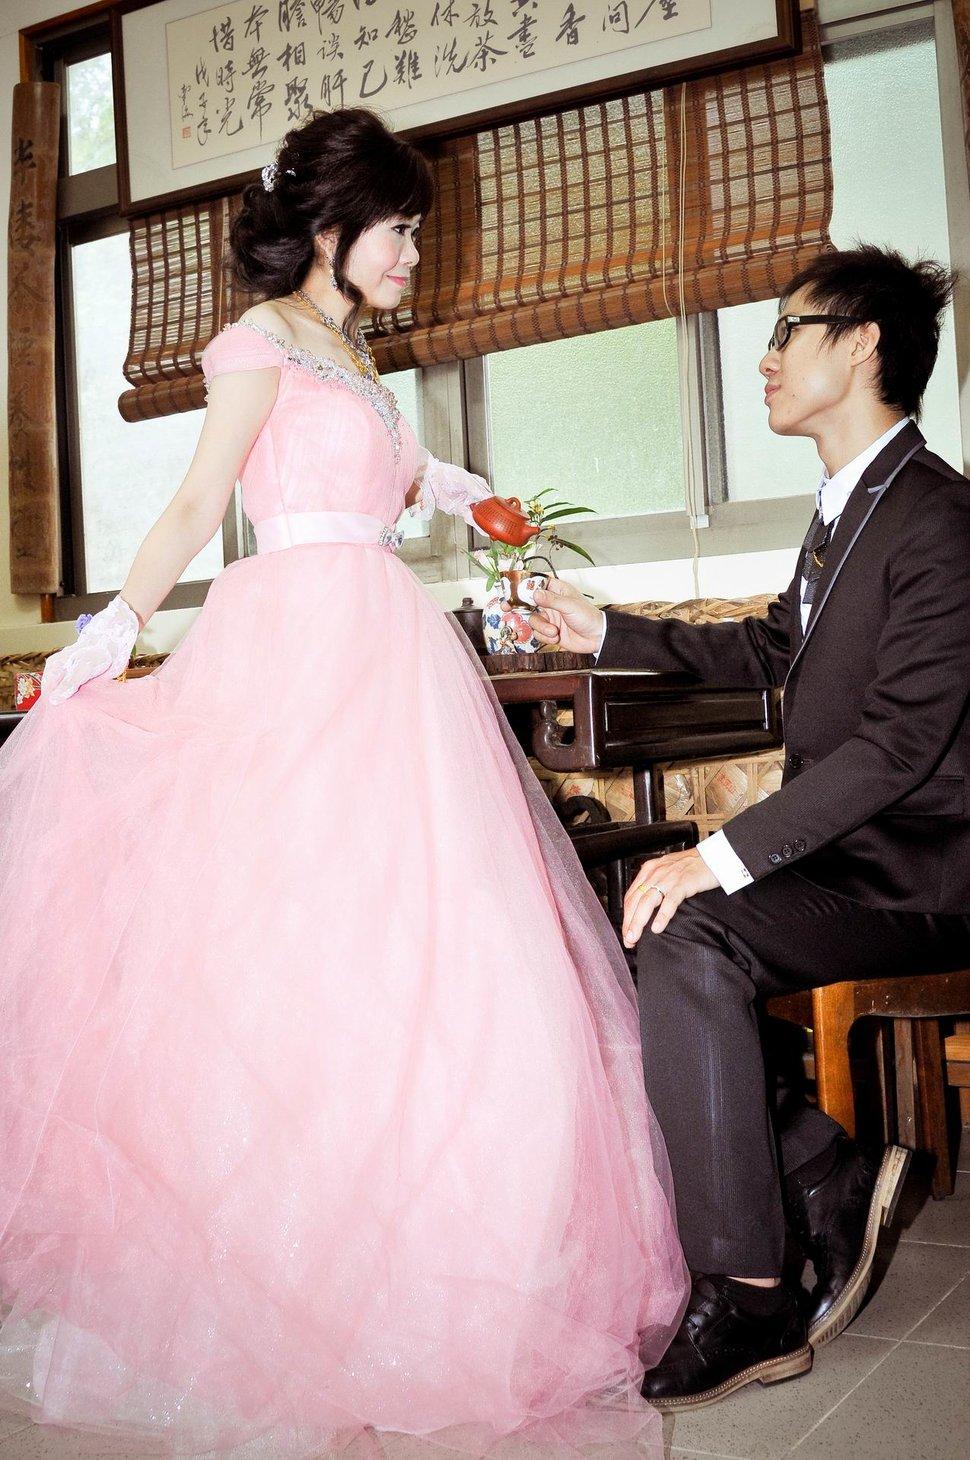 文山區老泉街清靜緣文定儀式午宴婚禮記錄結婚迎娶婚禮記錄動態微電影錄影專業錄影平面攝影婚攝婚禮主持人(編號:228255) - 蜜月拍照10800錄影12800攝影團隊 - 結婚吧